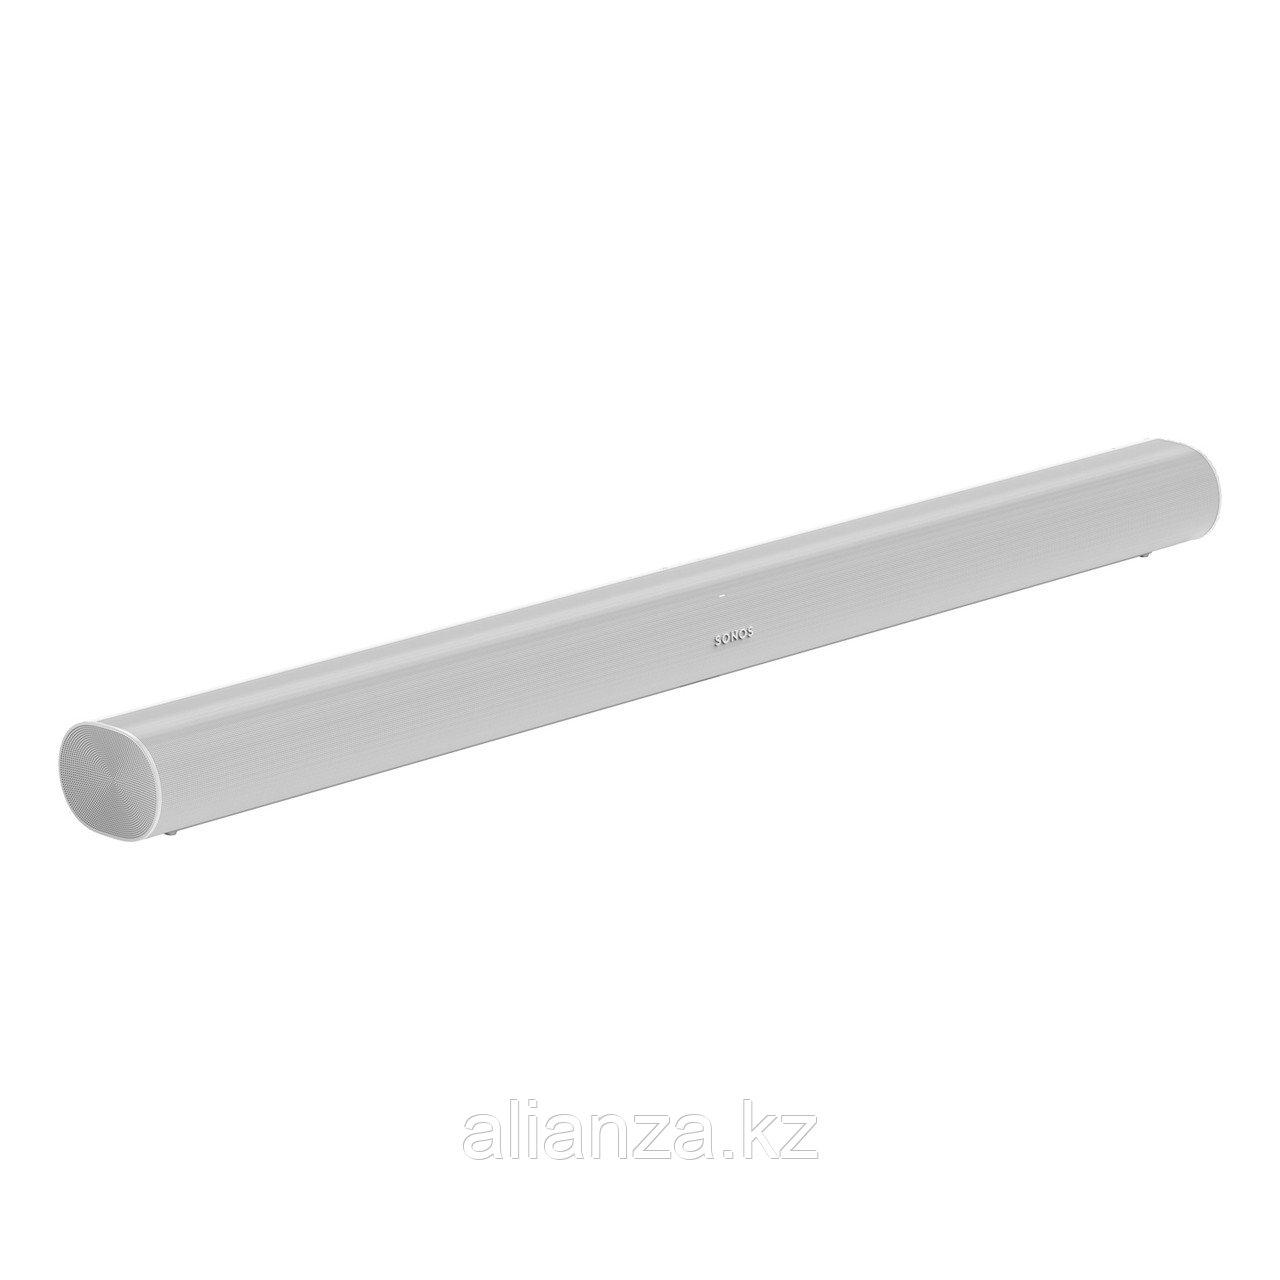 Саундбар Sonos Arc white (ARCG1EU1)